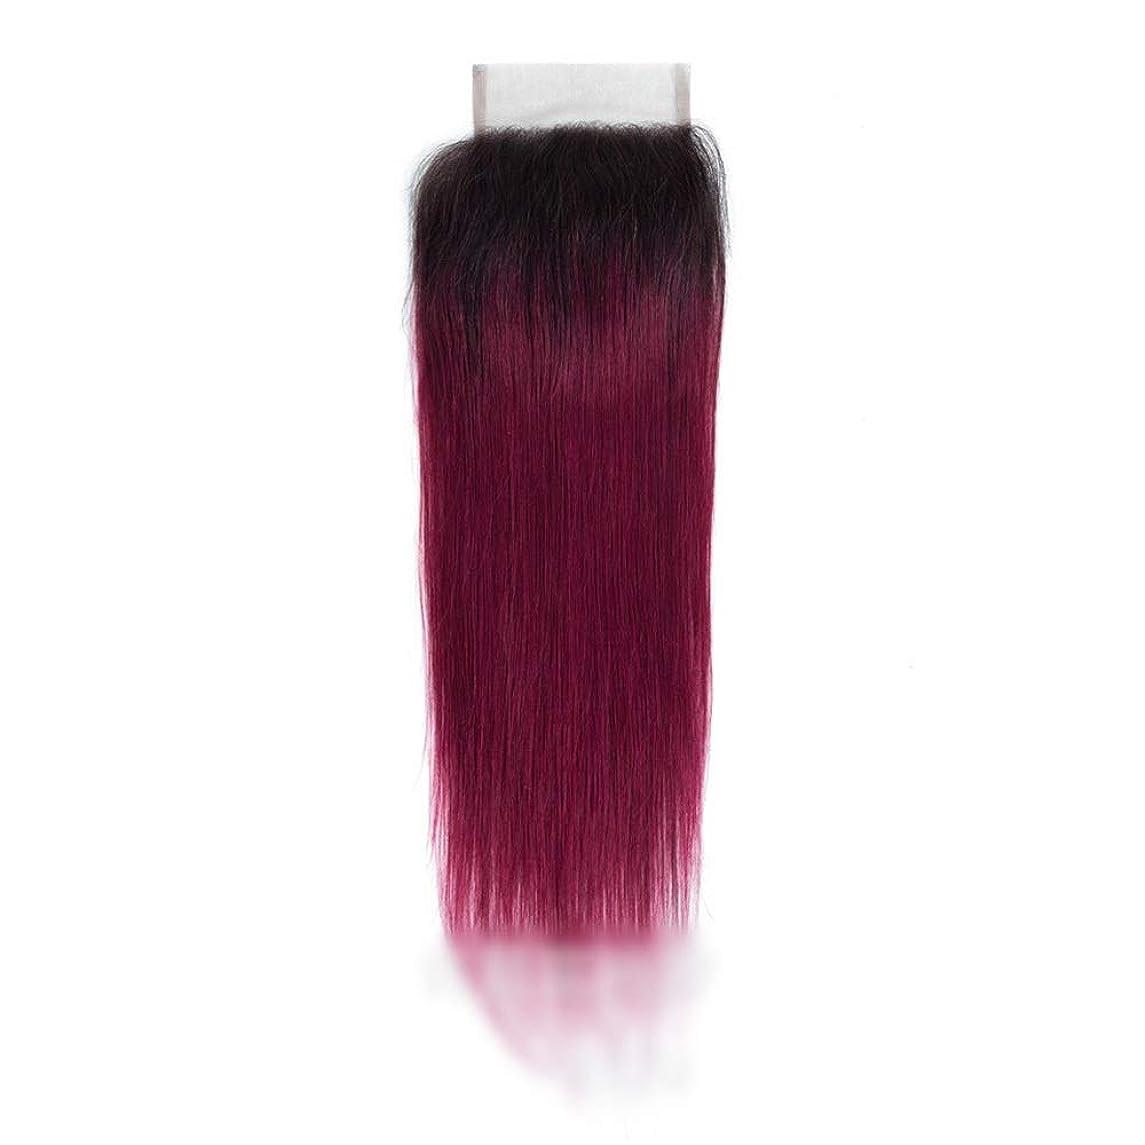 有利摂動架空のYESONEEP レースの閉鎖とストレートオンブルバージンヘア、人間の髪の毛1B /バグ2トーン、オンブルヘアエクステンション織り横糸ロングストレートヘア (色 : ワインレッド, サイズ : 18 inch)